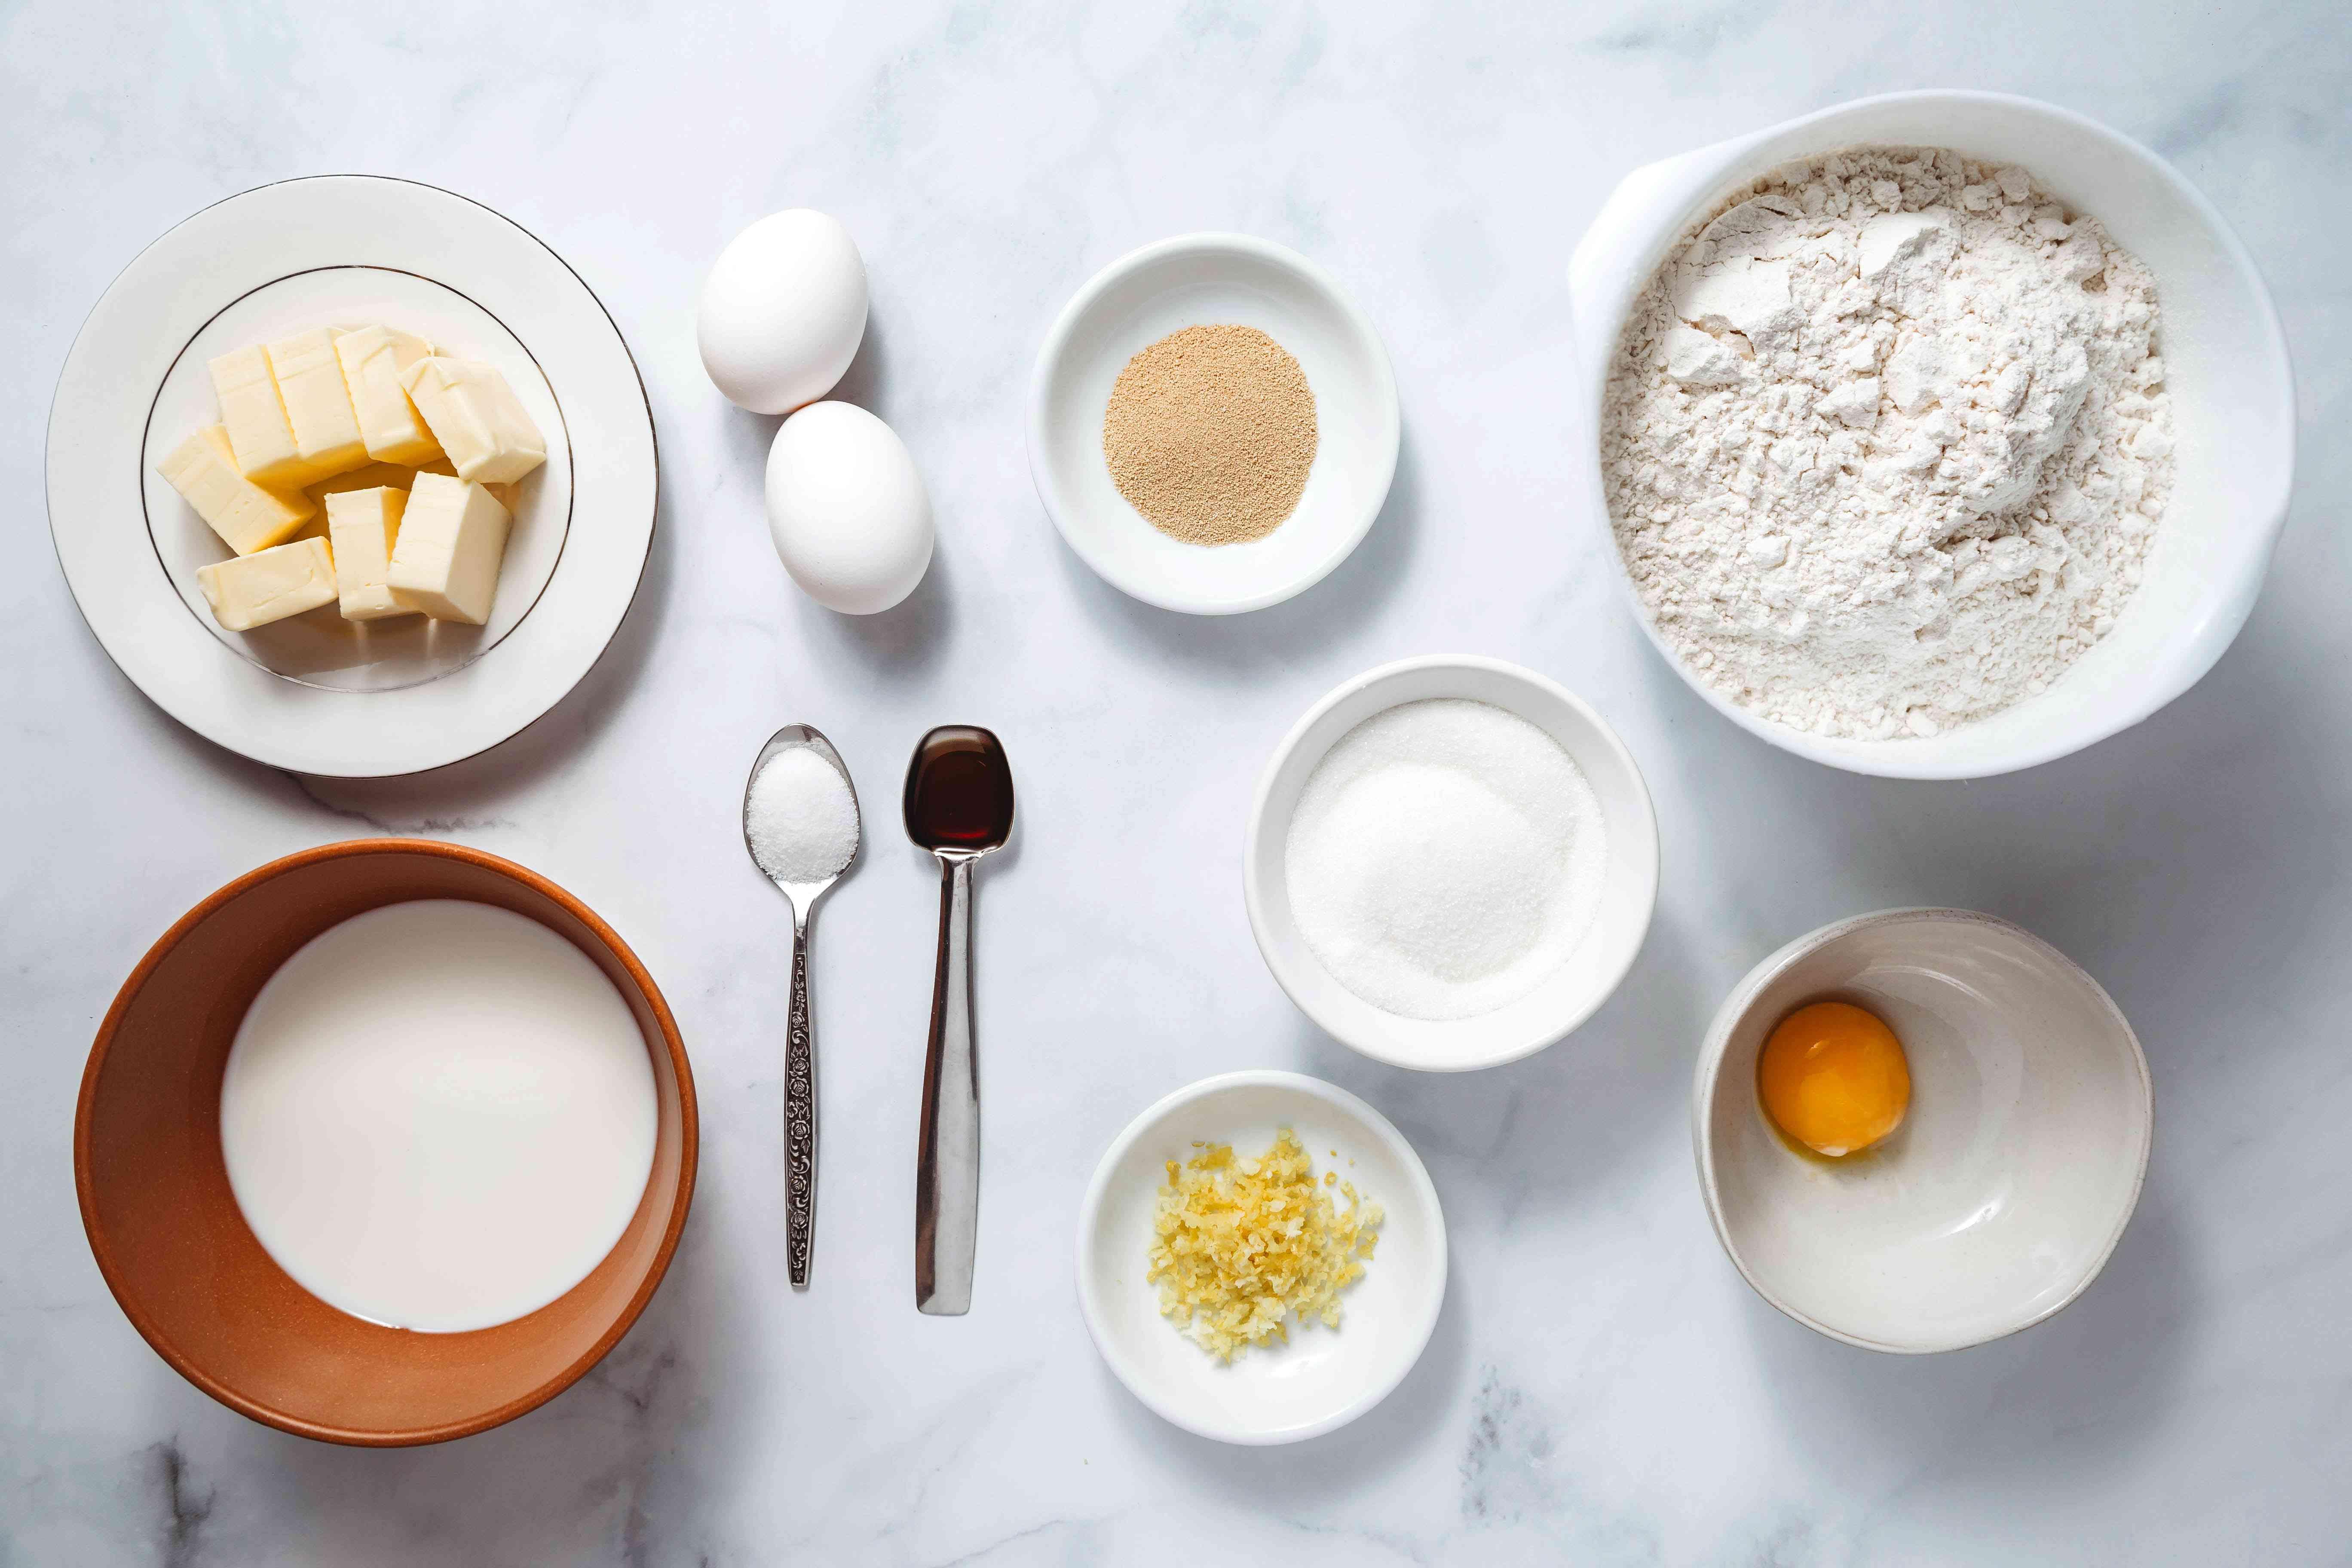 Easter cake ingredients